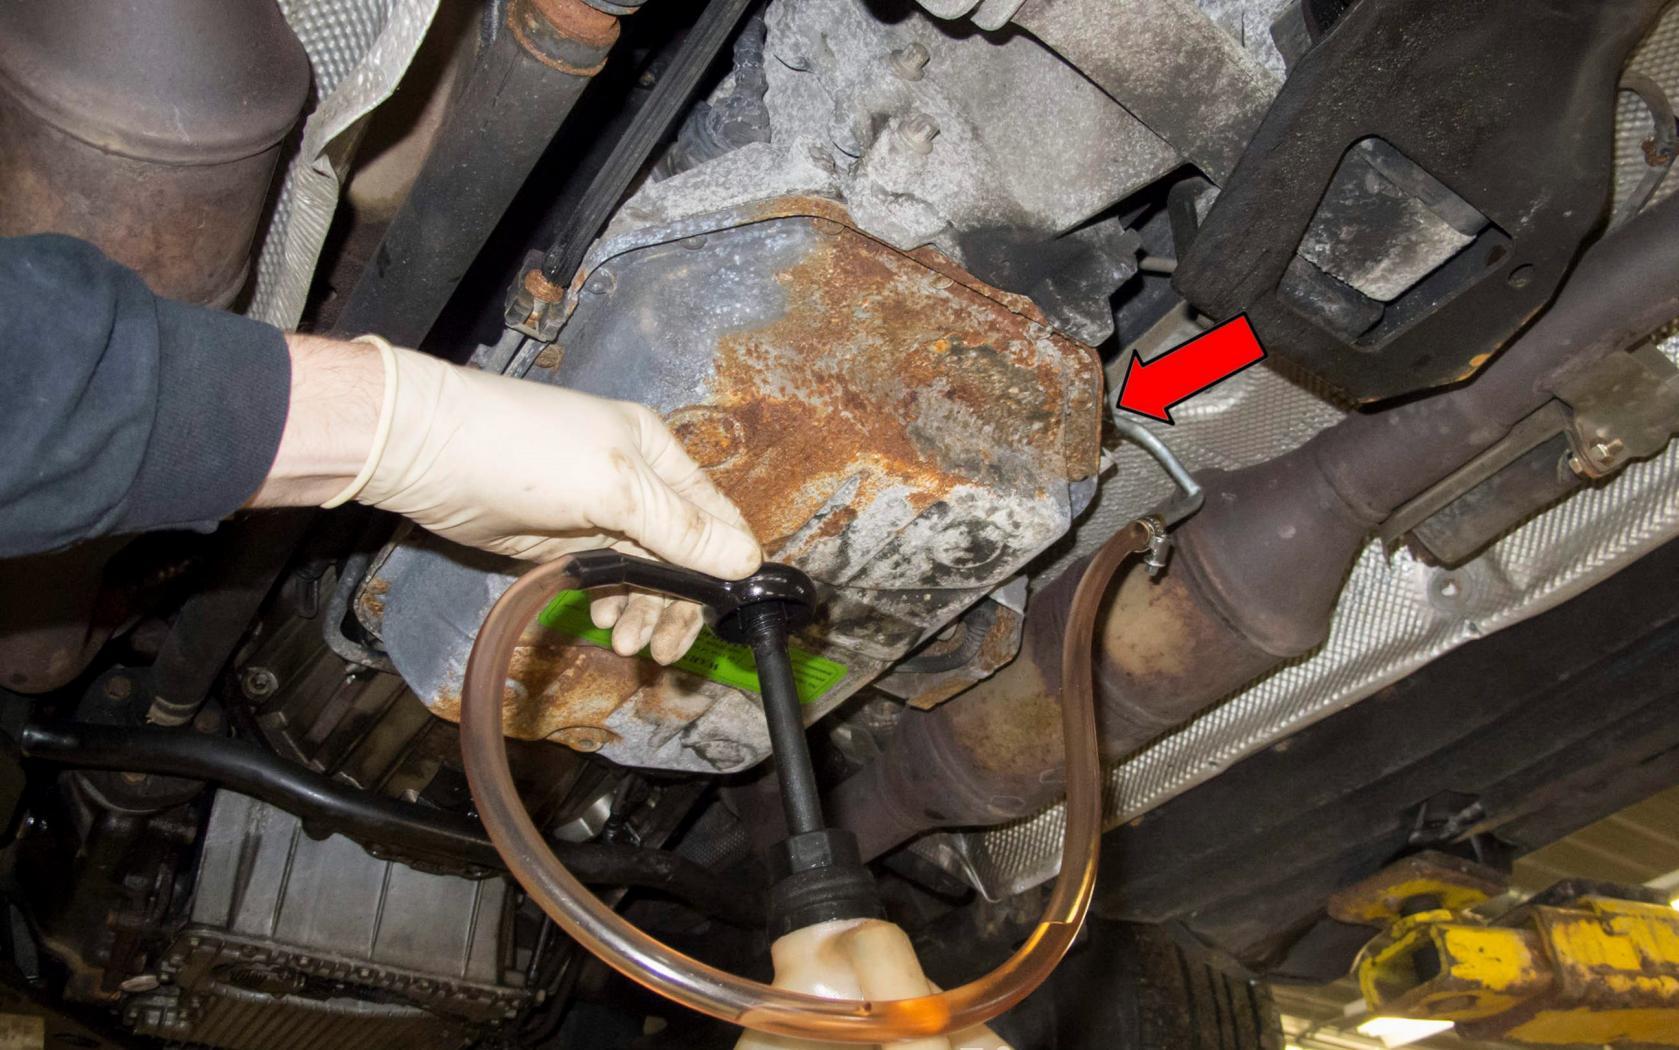 BMW-X5-E53-Vidange-et-entretien-de-la-boite-automatique-8.jpeg